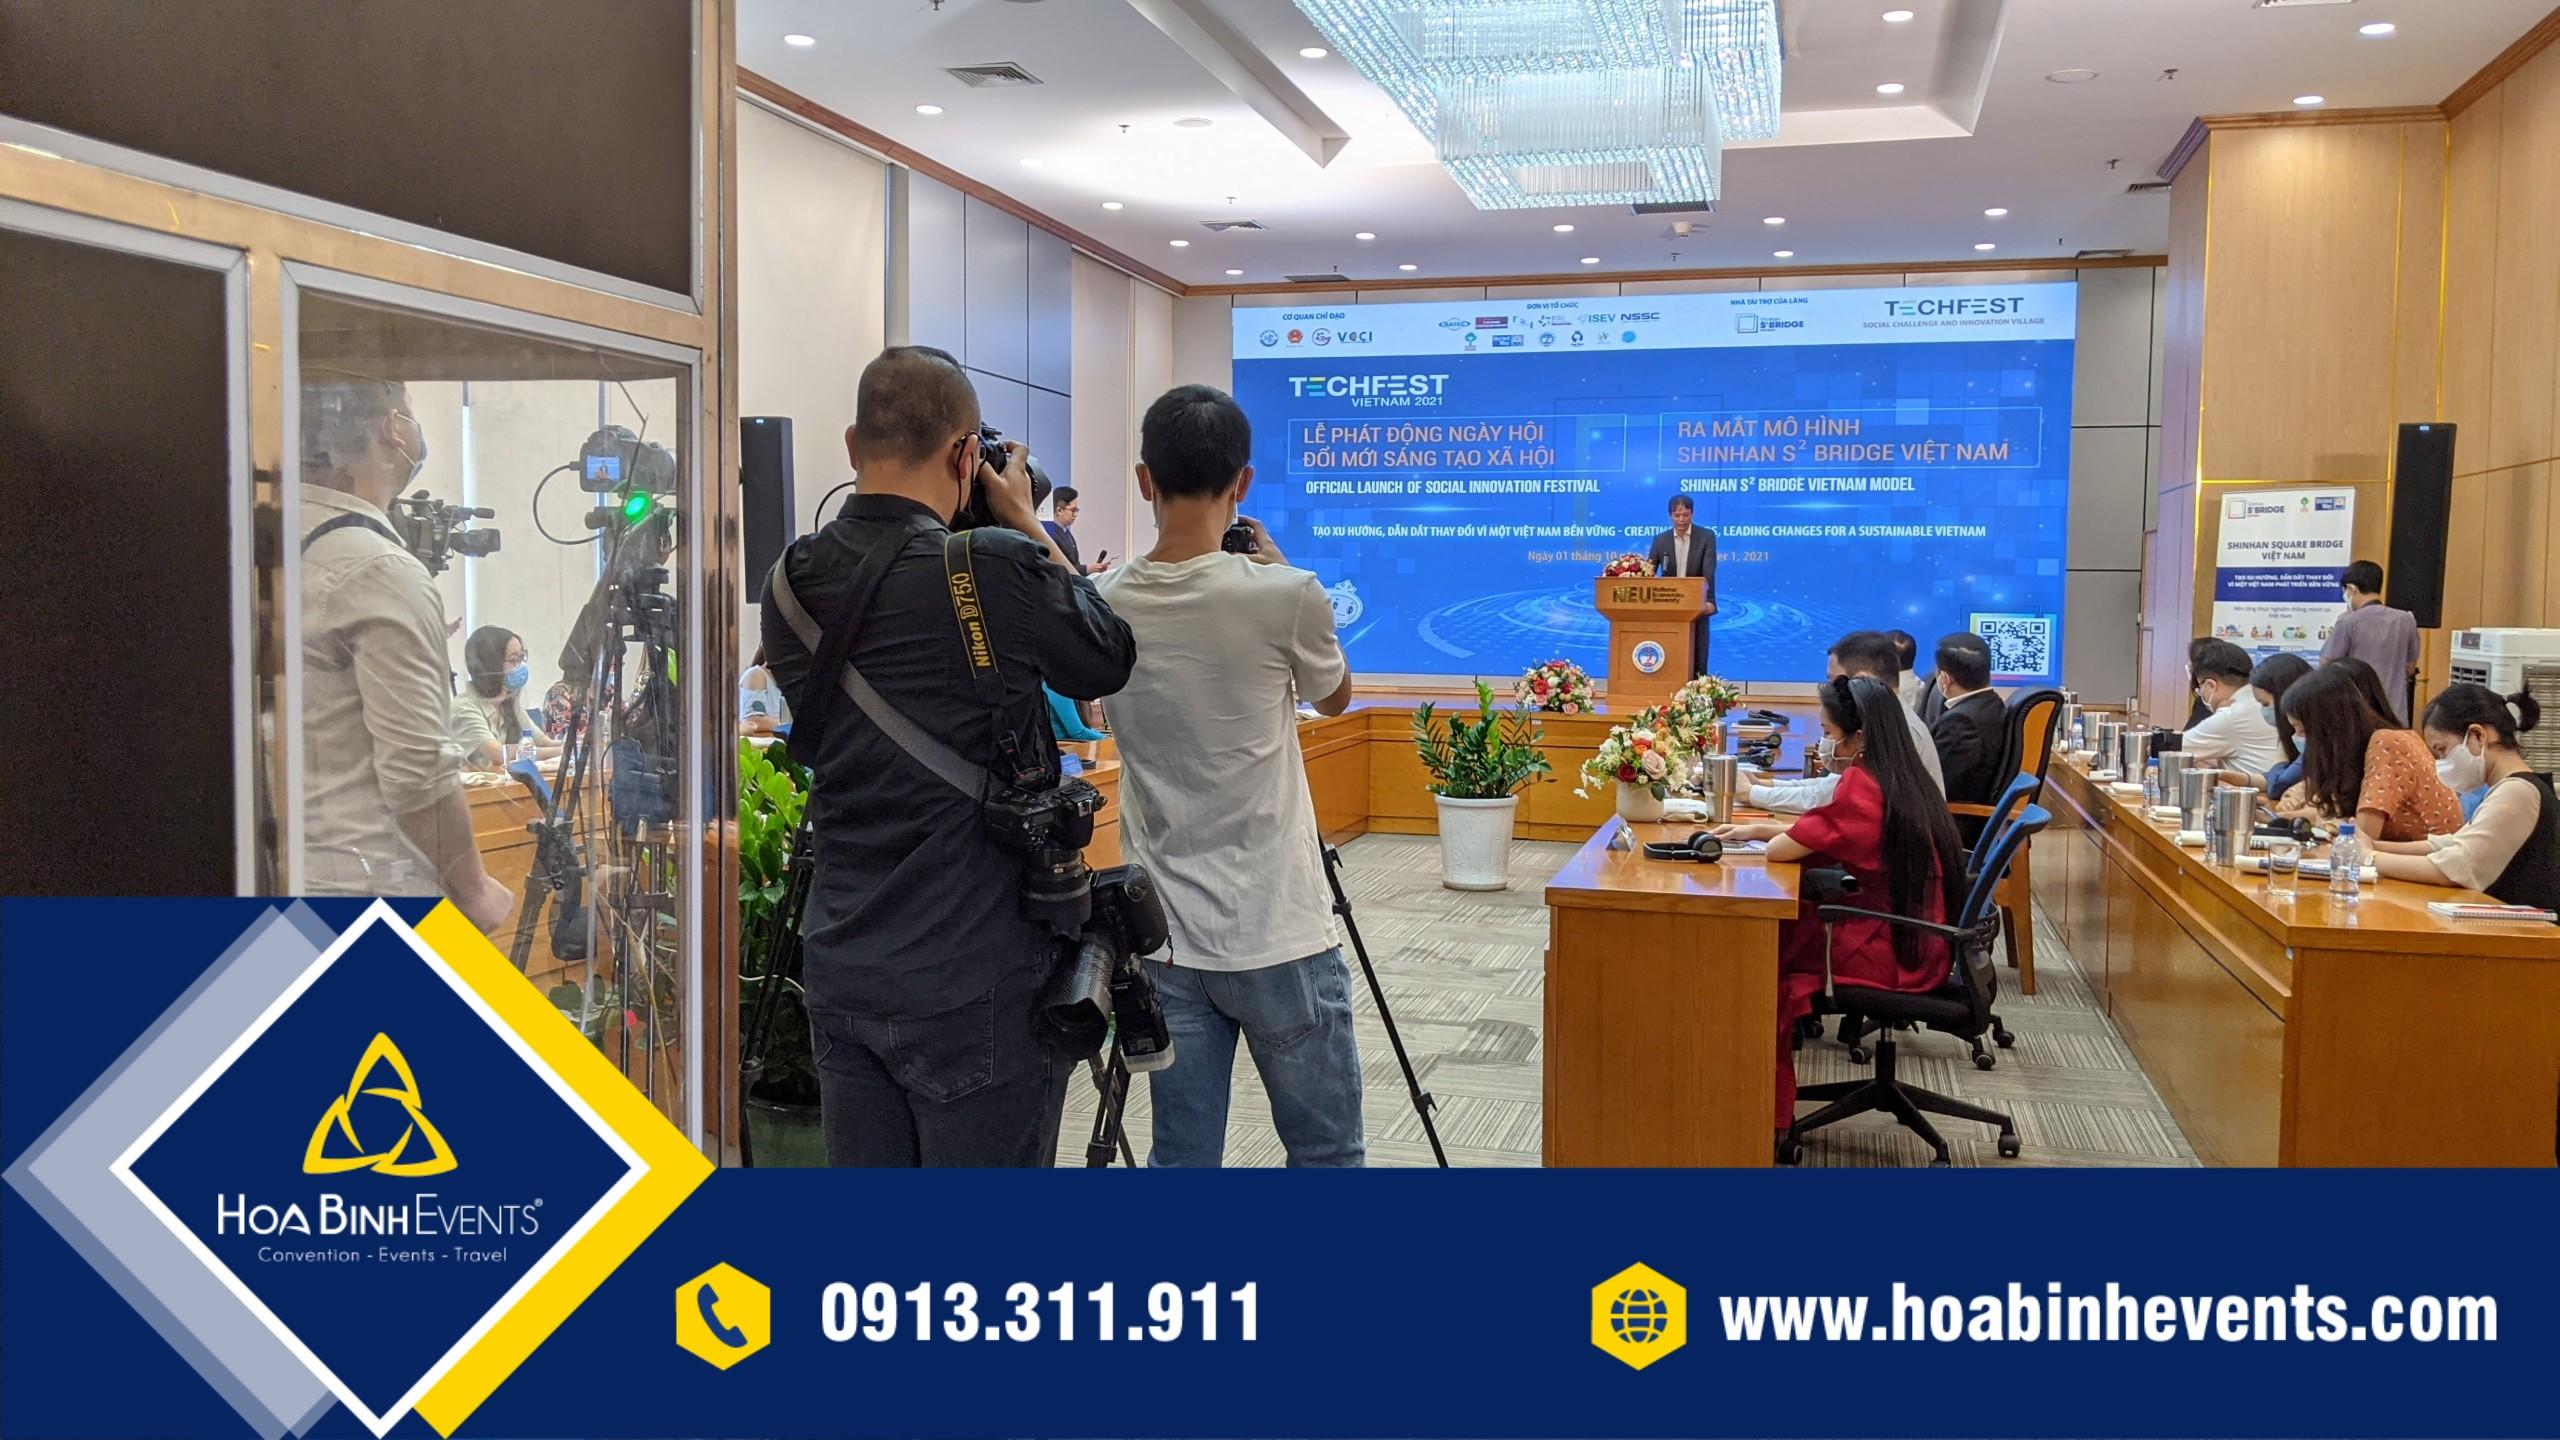 Dịch vụ tổ chức sự kiện HoaBinh Events